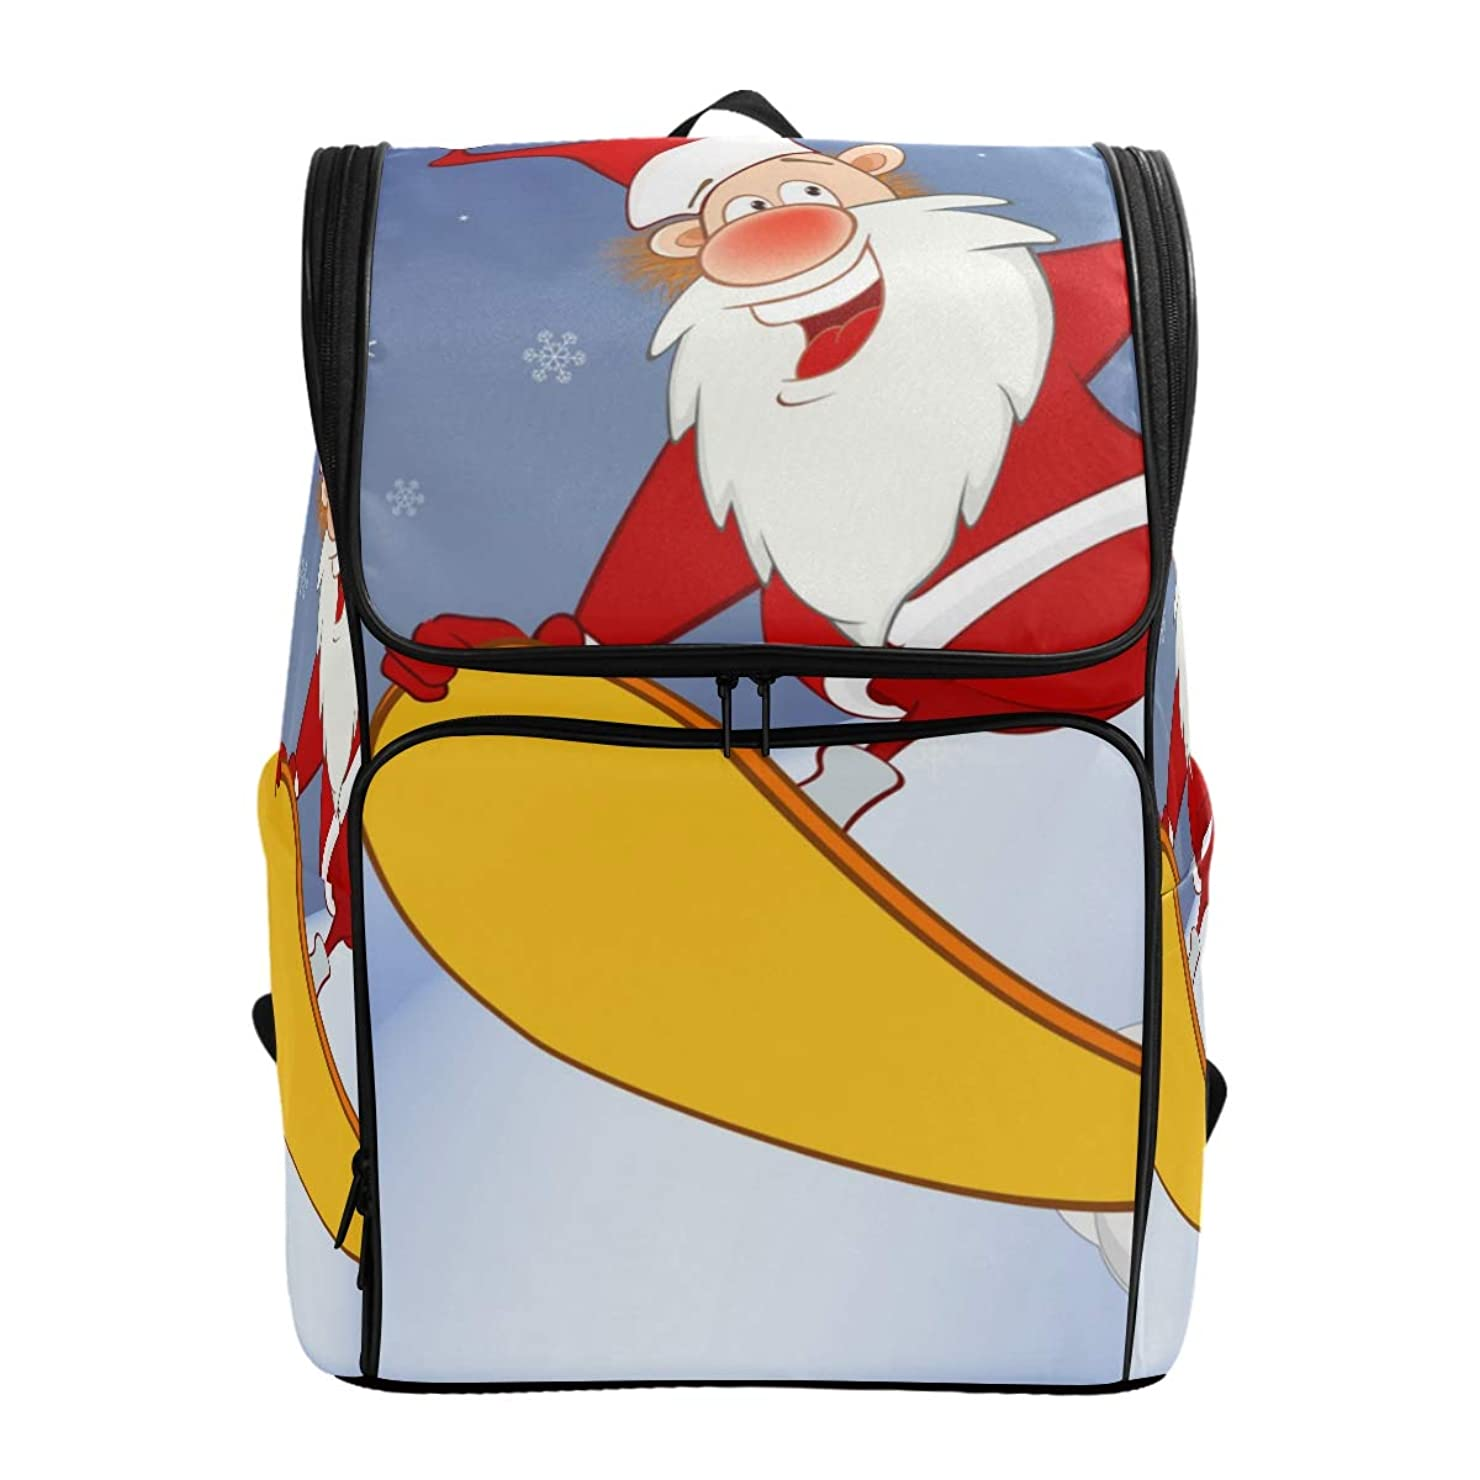 懸念申し立て広げるリュックレディース メンズ 黒 クリスマス サンタクロース 通勤 outdoor 軽量?大容量?防水加工 修学旅行 登山 ビジネス 薄型リュック pc リュック カジュアル 男女兼用